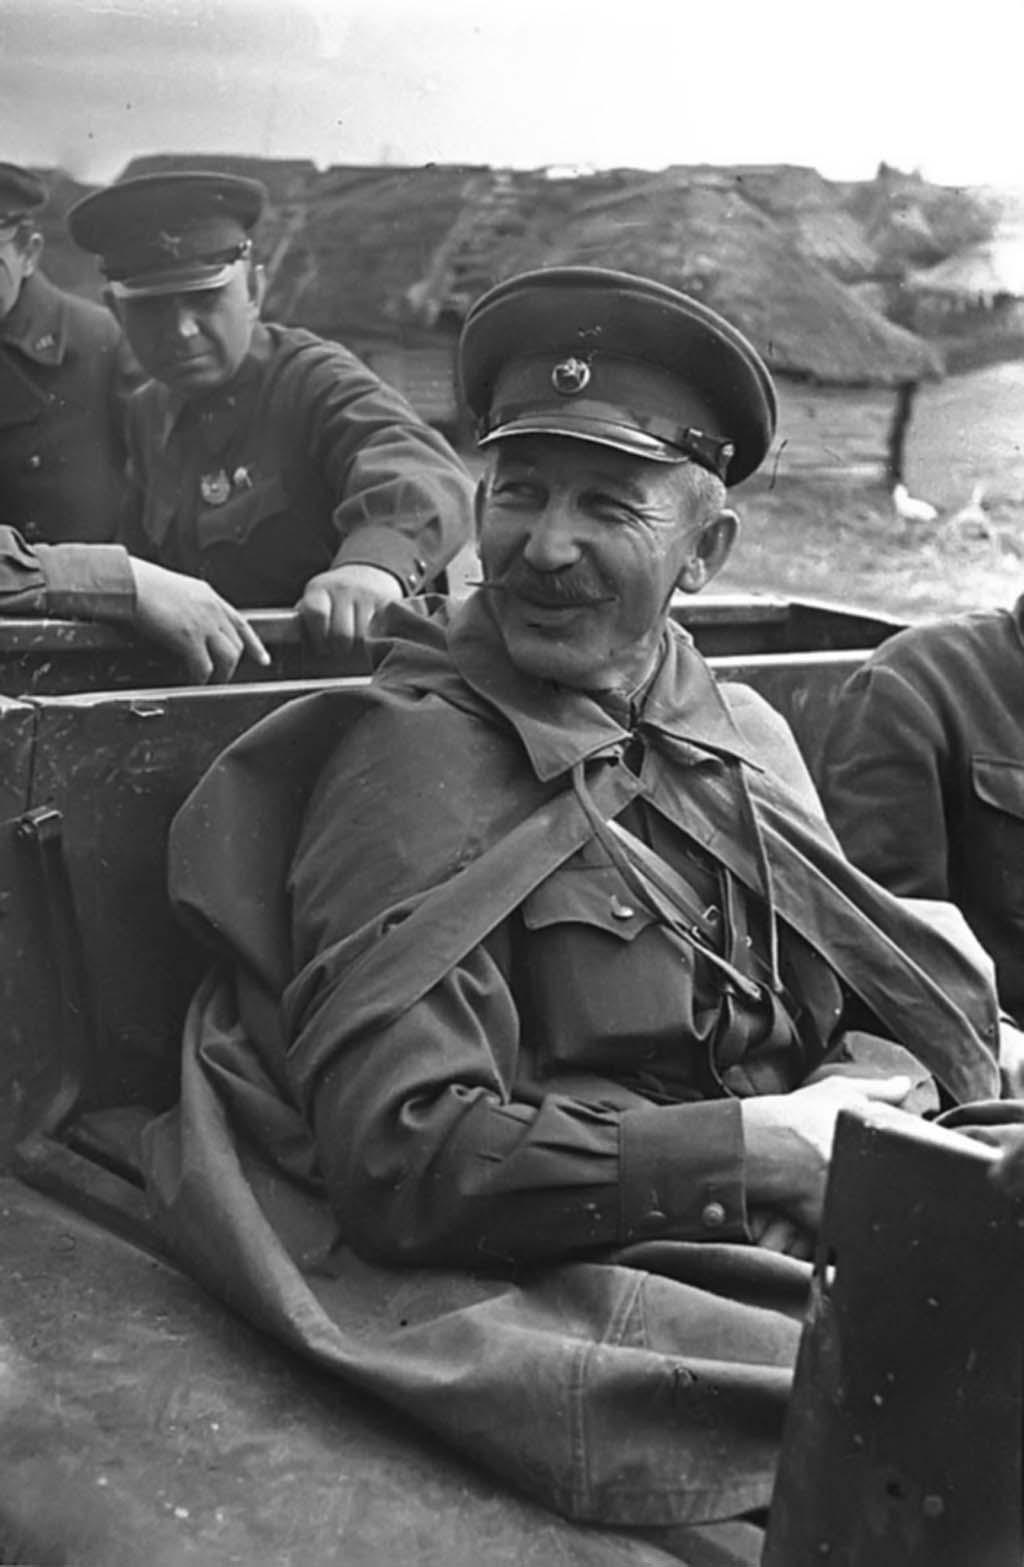 Pavel Belov